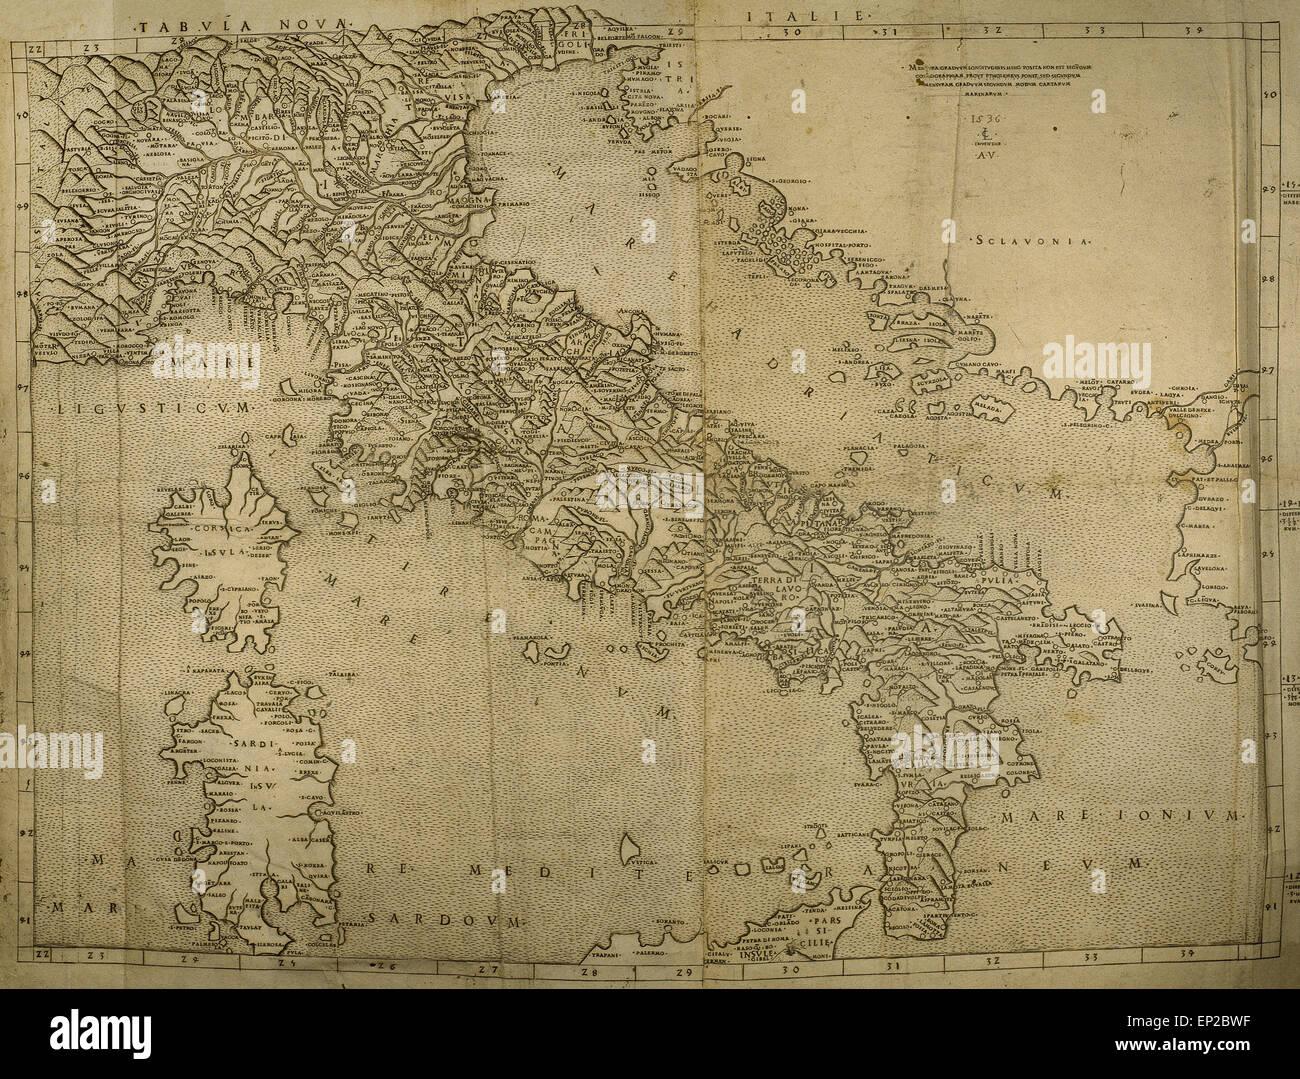 Italian Peninsula Worksheet